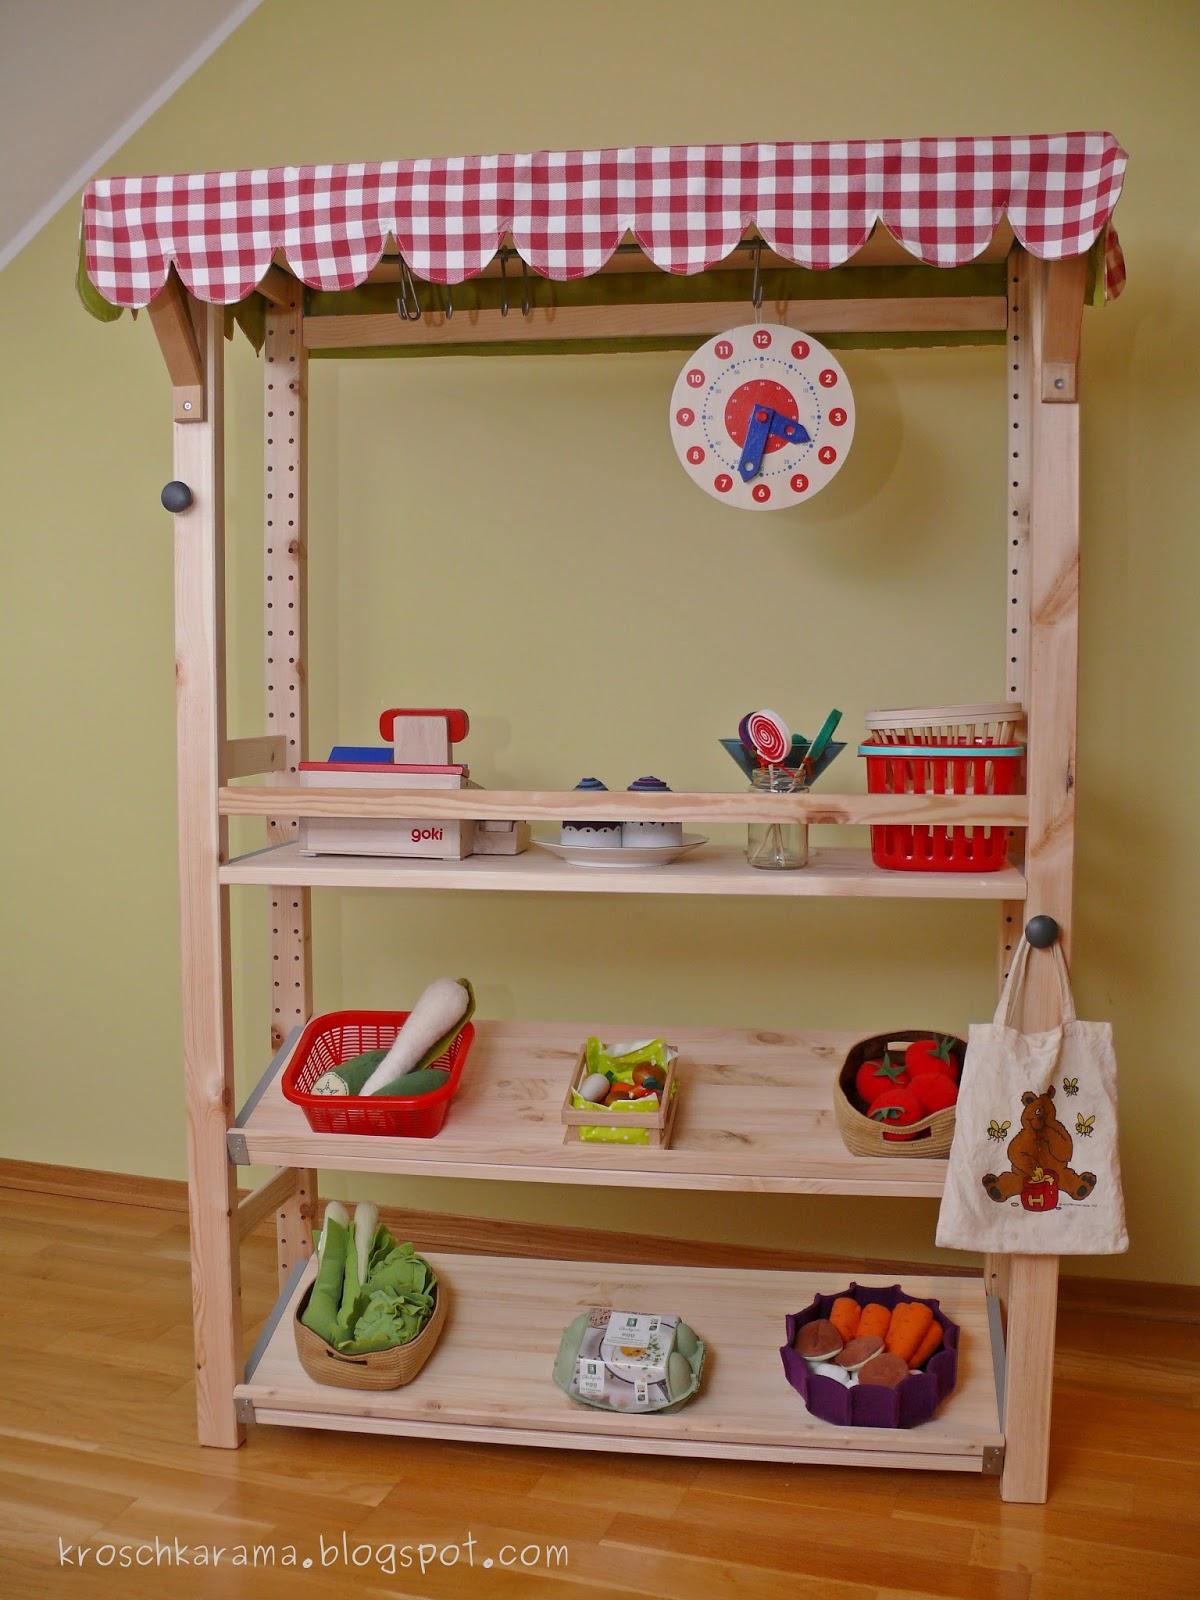 kaufladen küche selber bauen | kinderküche zubehör awesome kaufladen